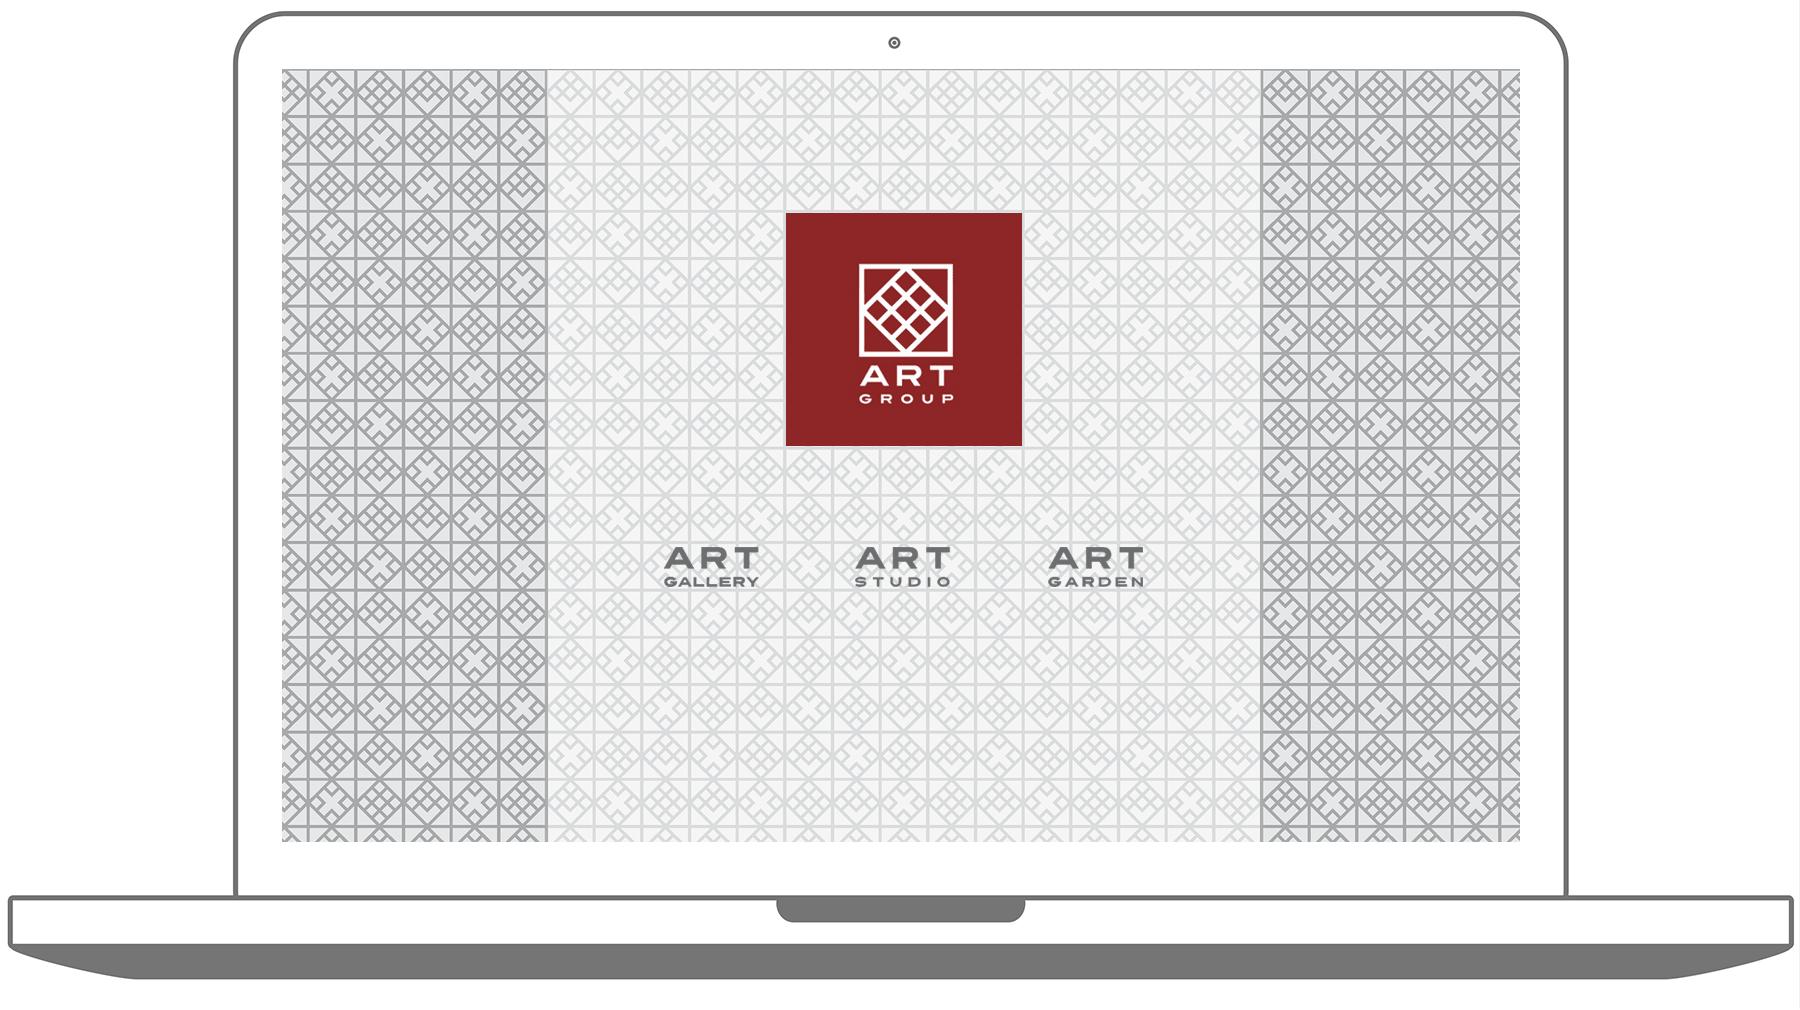 art group главная страница